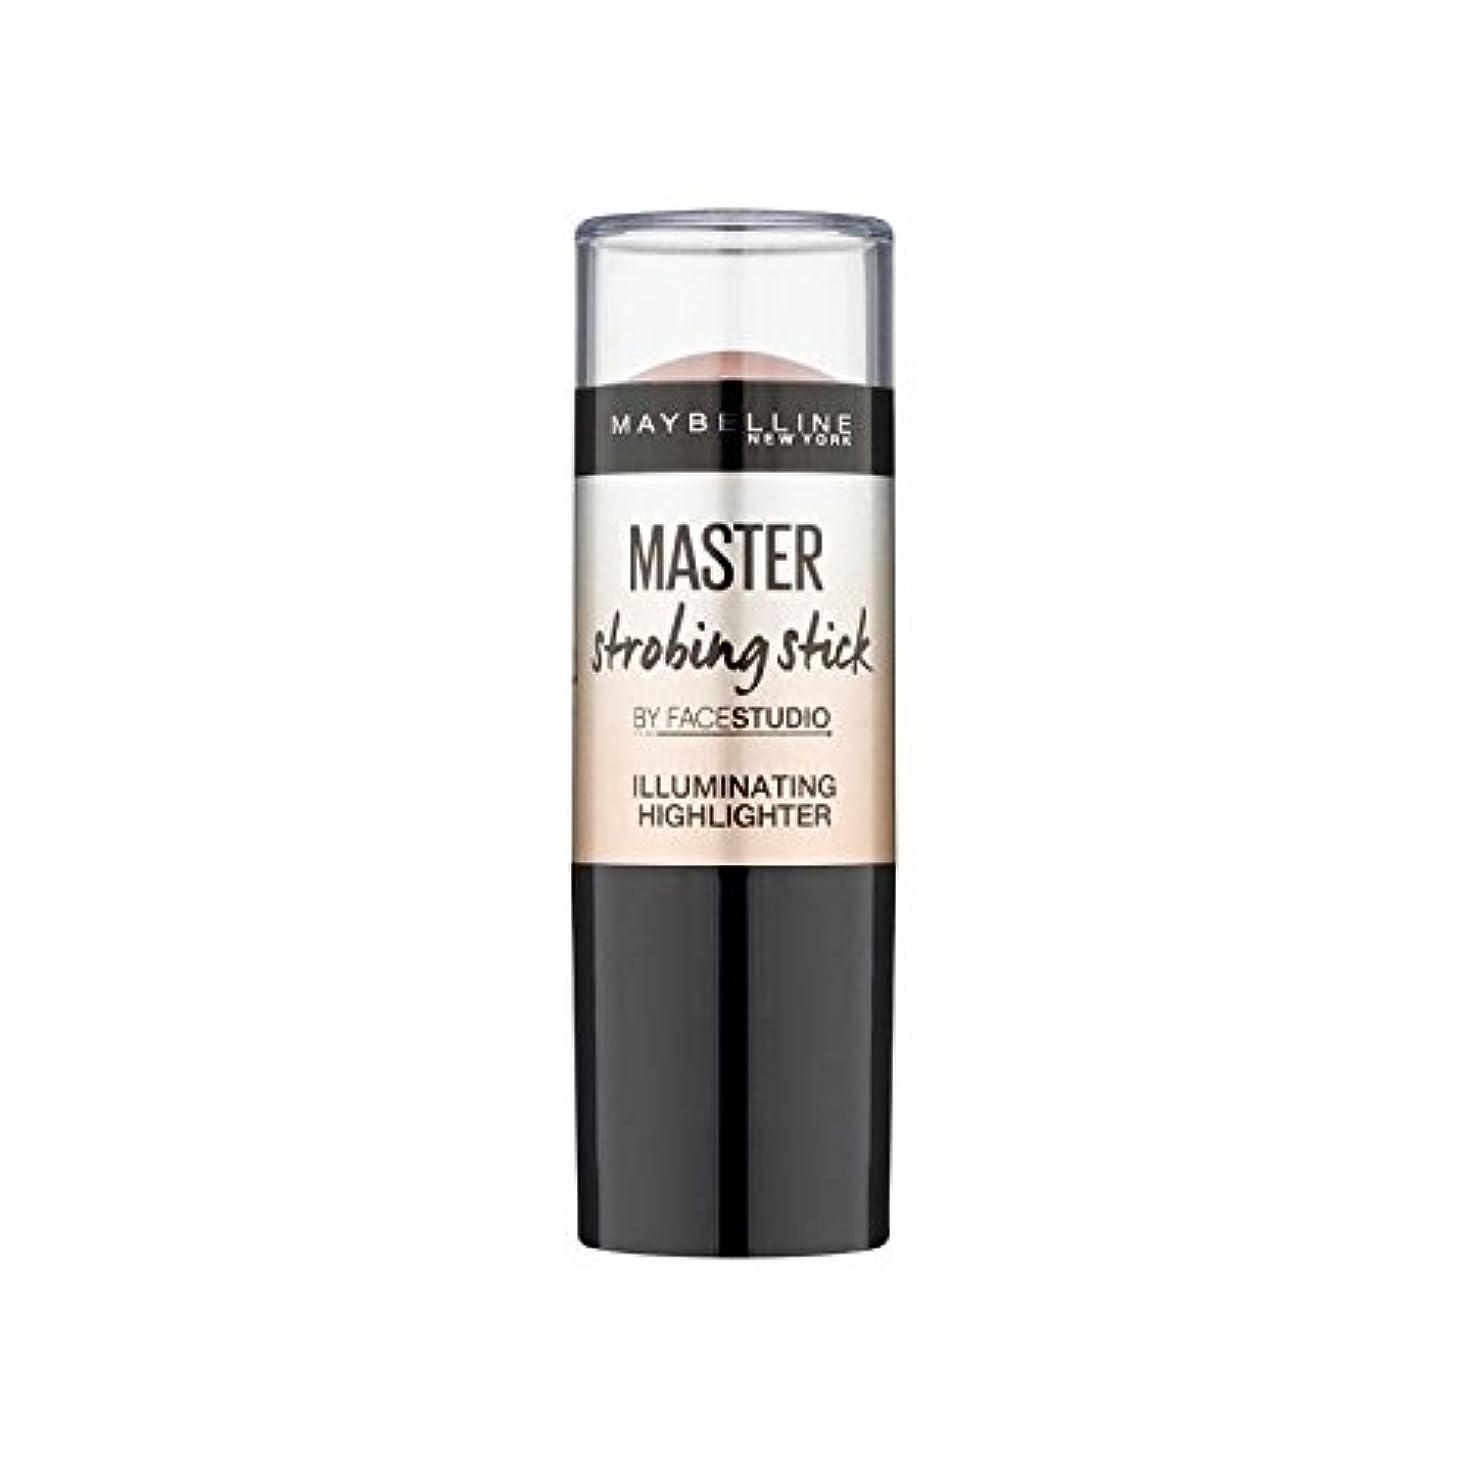 震え多様体家メイベリンマスターストロボスティックライト x4 - Maybelline Master Strobing Stick Light (Pack of 4) [並行輸入品]